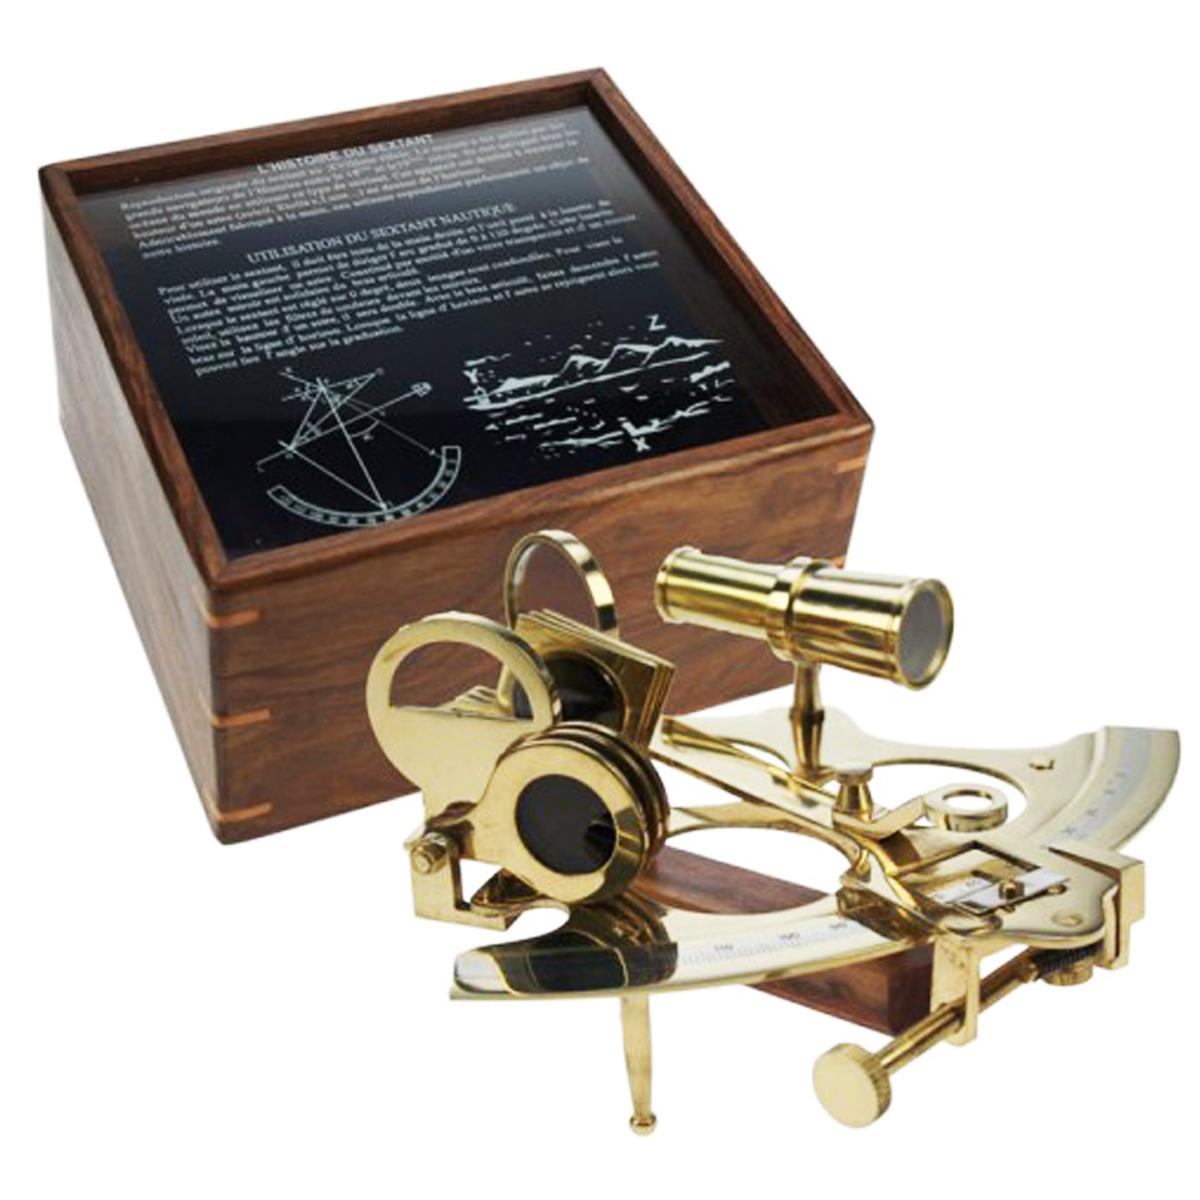 Reproduction \'Sextant\' doré dans boite bois - 25x23x12 cm - [Q7127]